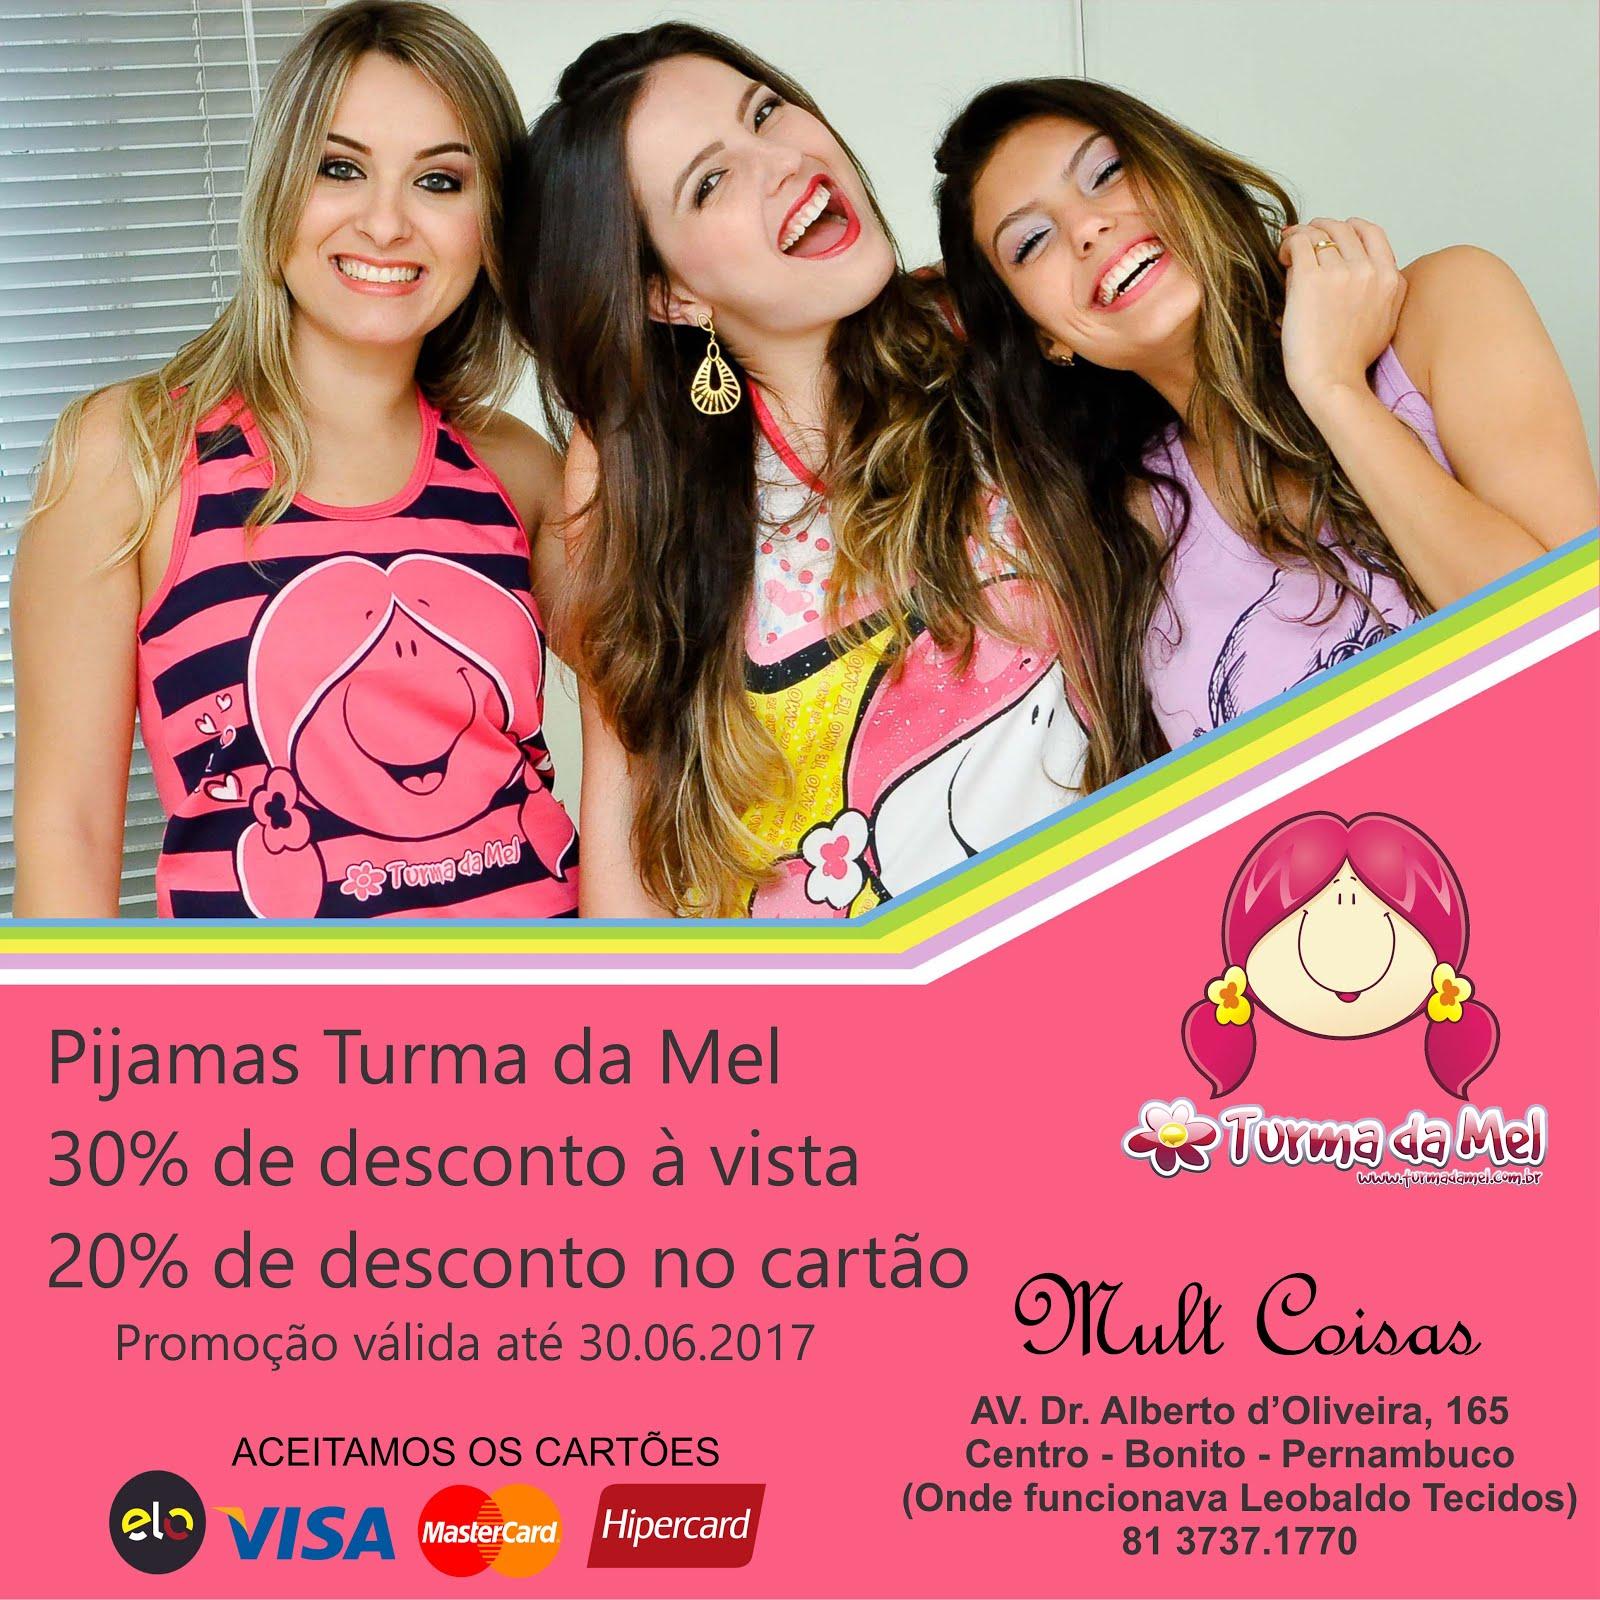 Pijamas Turma da Mel